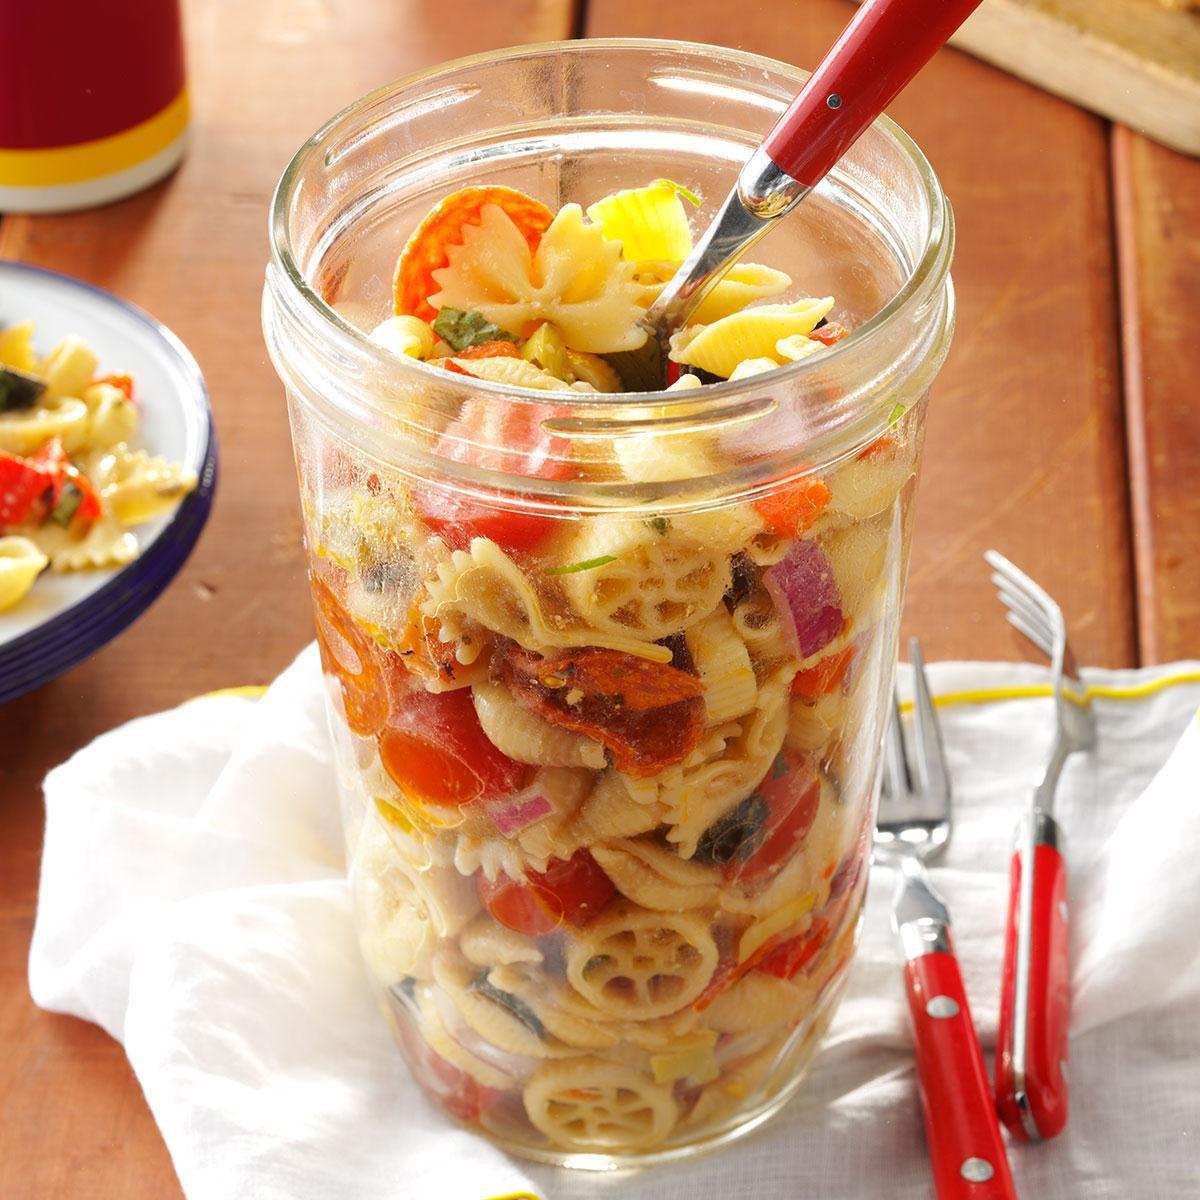 Cold artichoke pasta salad recipe